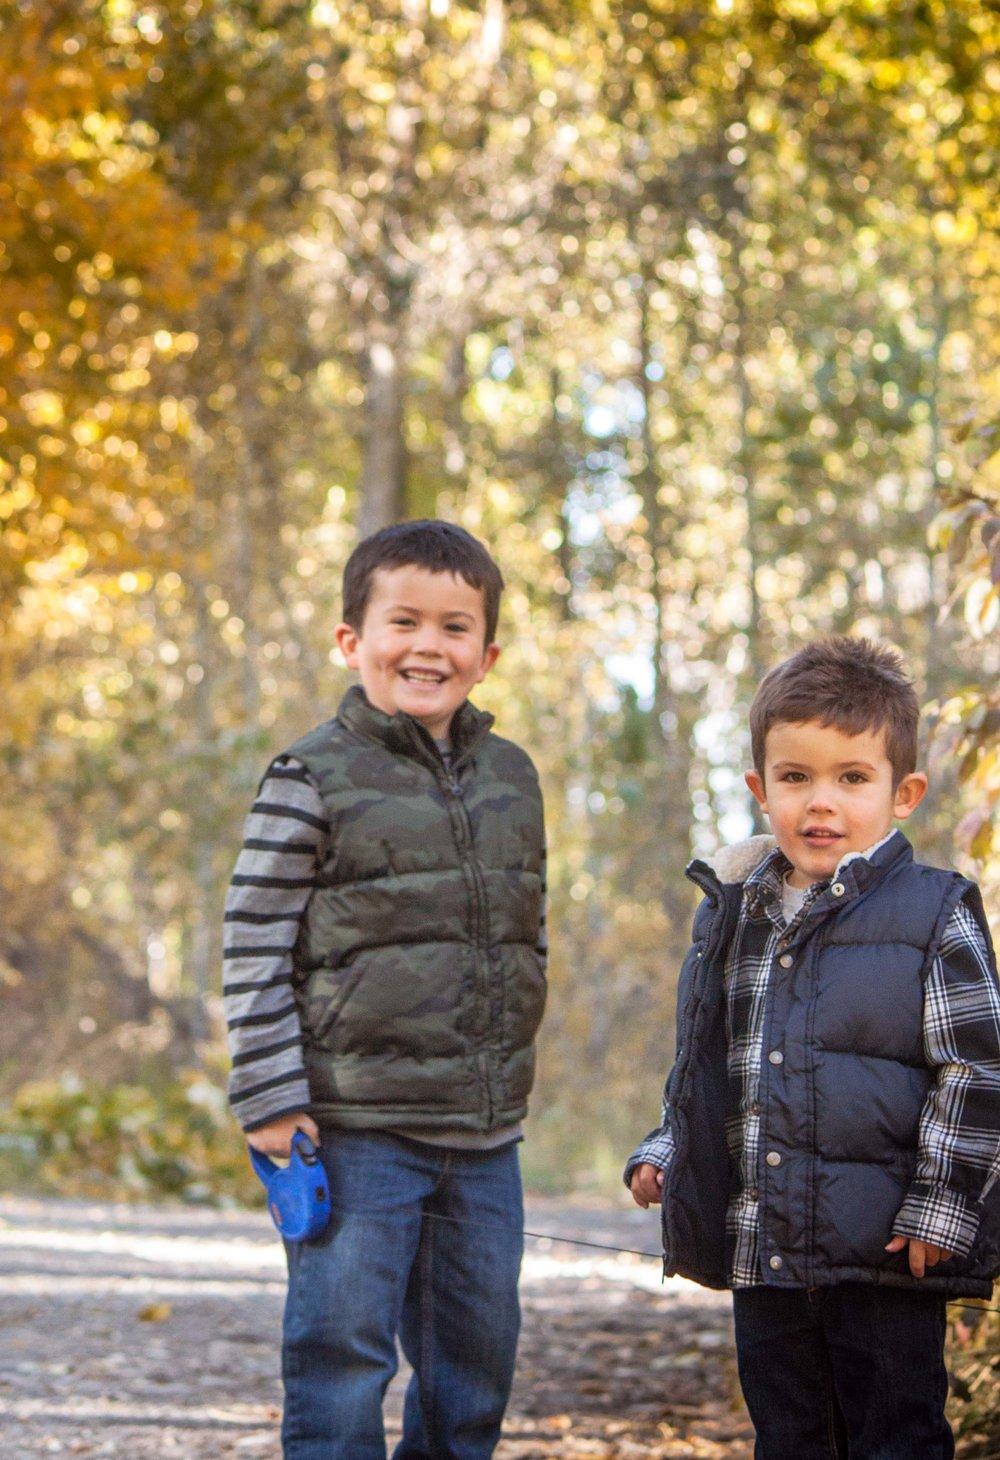 Shanell&Kiddos 291.jpg